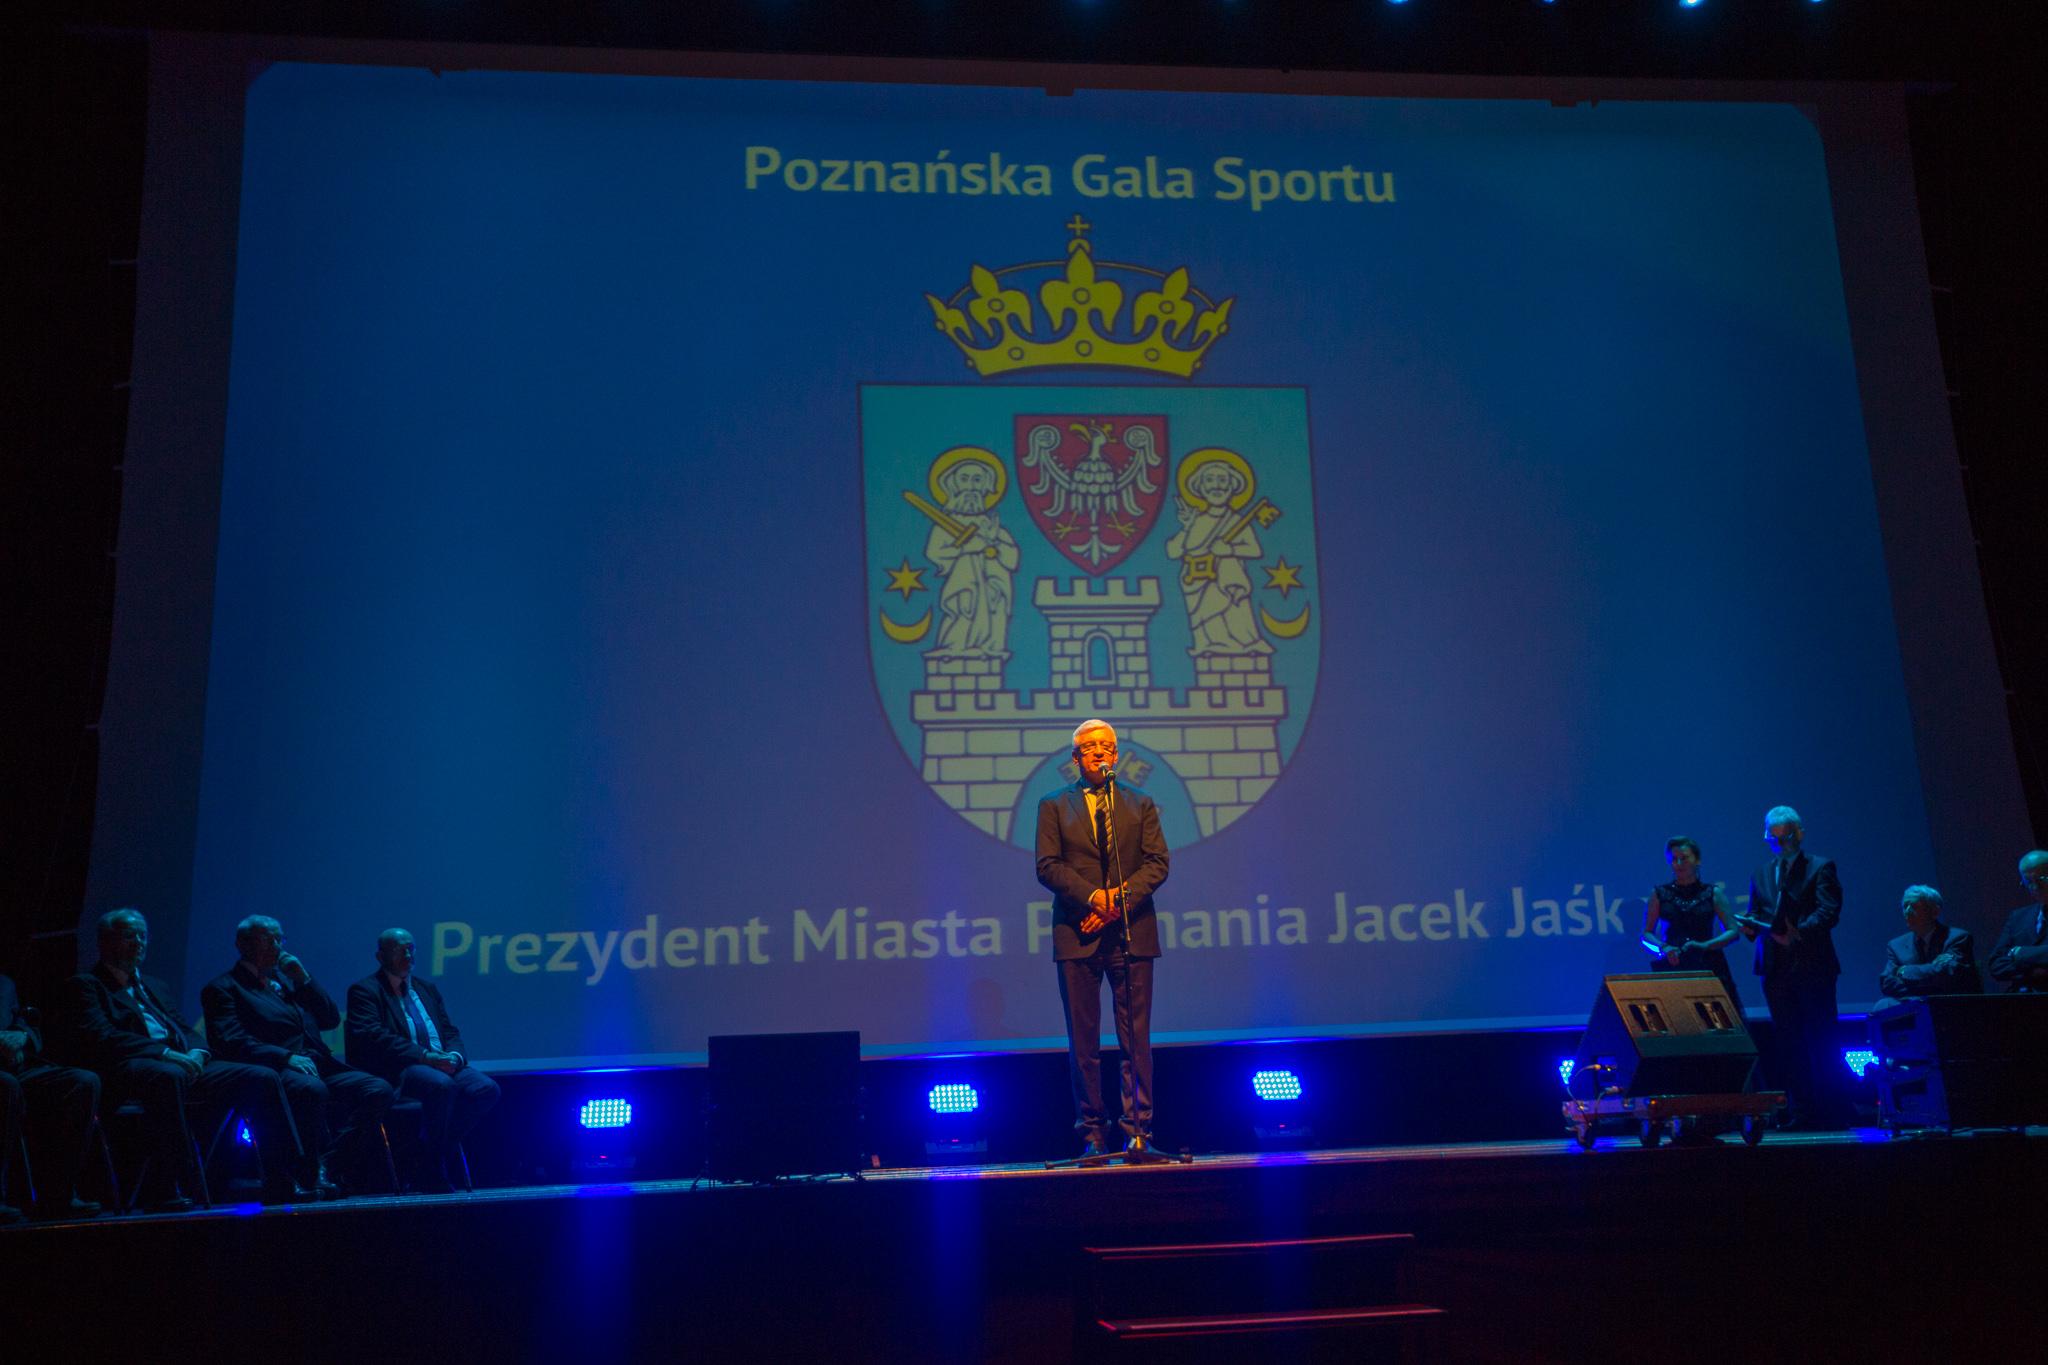 Urząd Miasta Poznania / Wydział Sportu